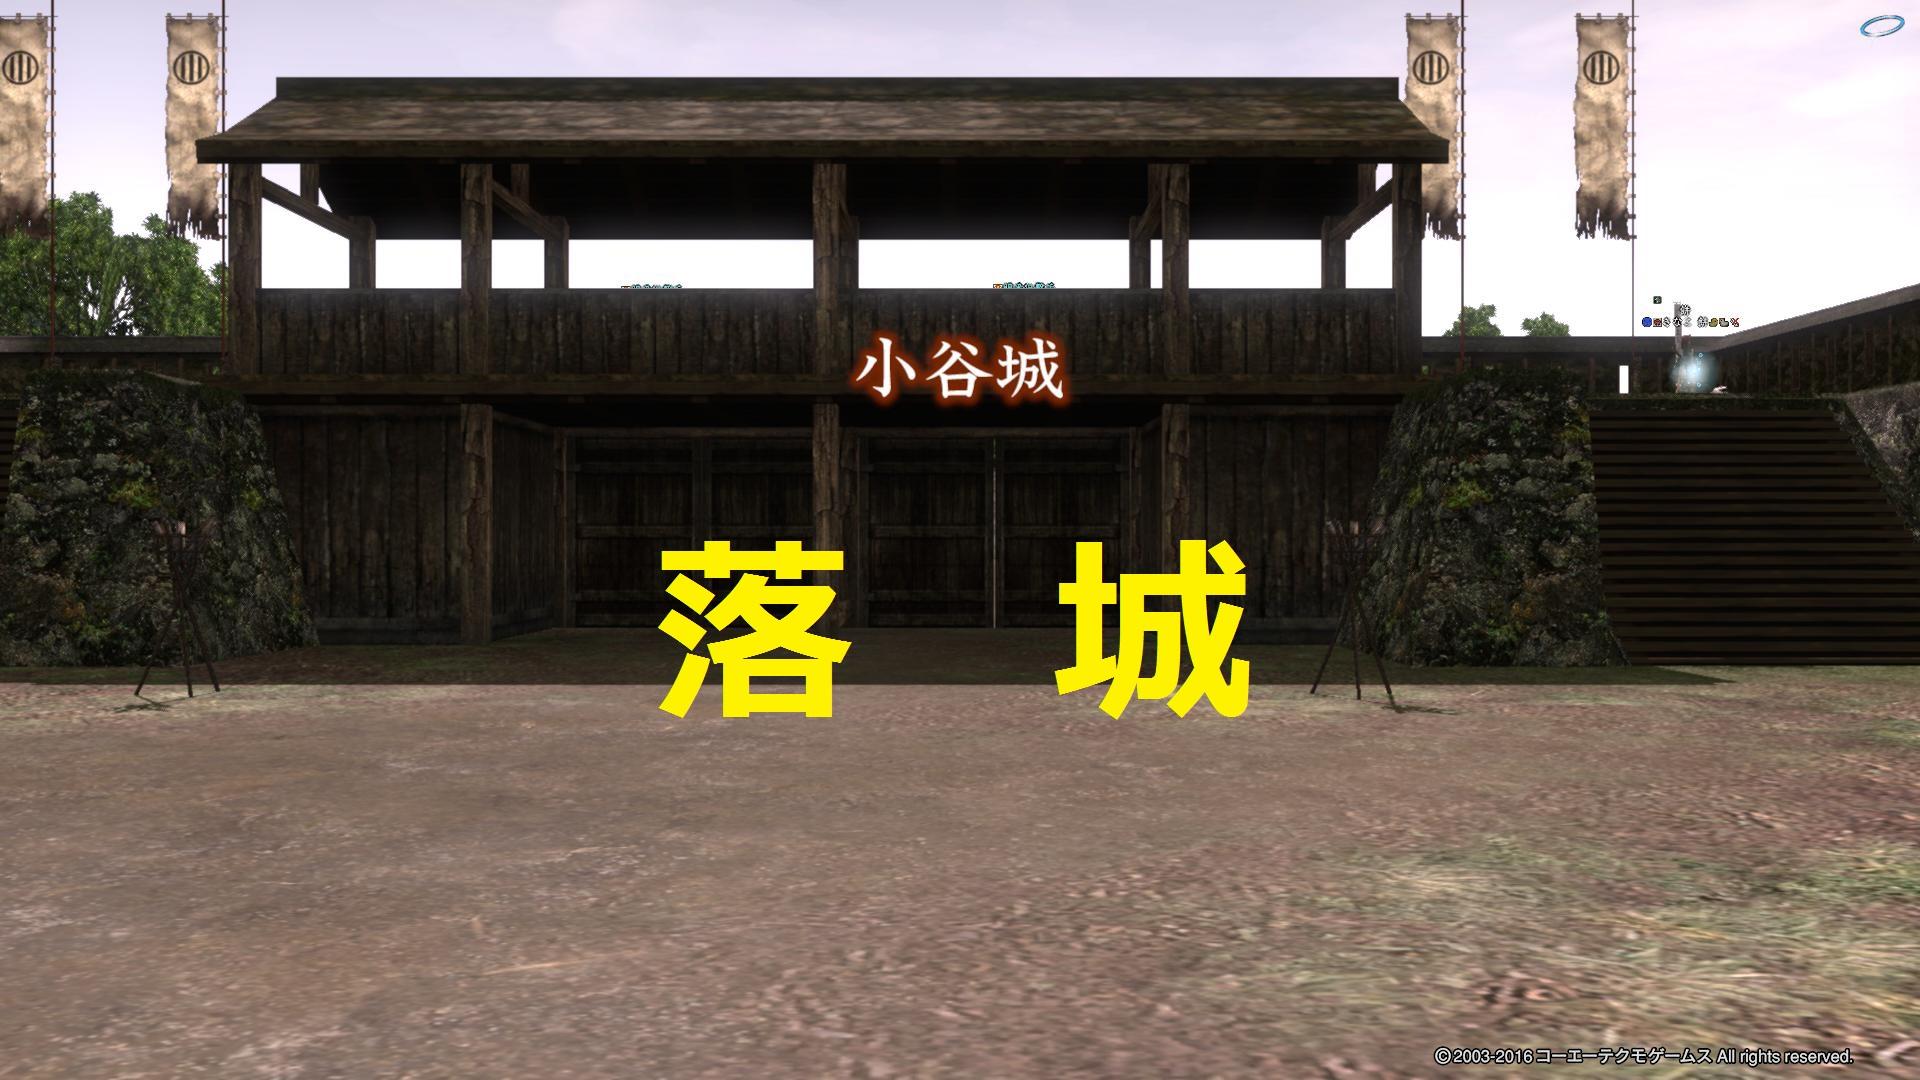 Nol16102901 - コピー